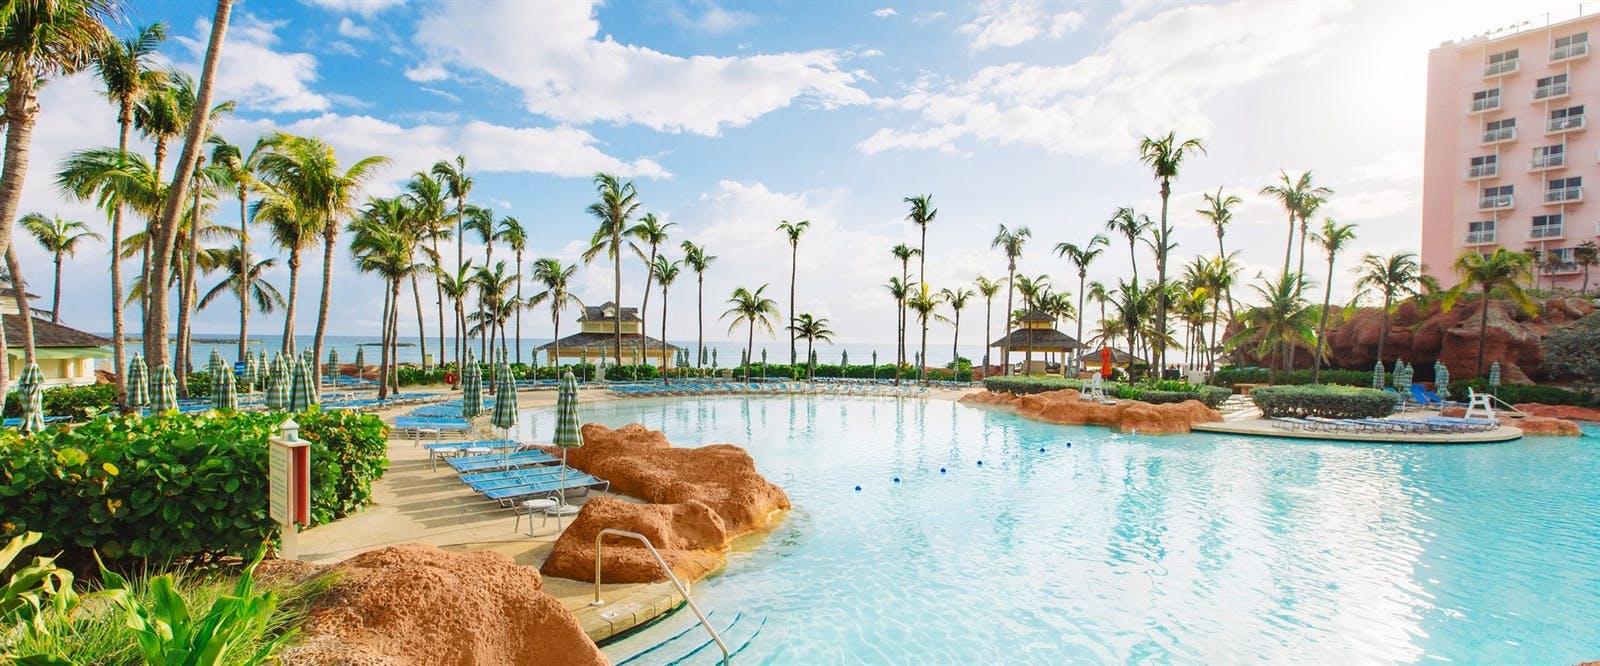 Atlantis Holiday Family Friendly Bahamas Resort